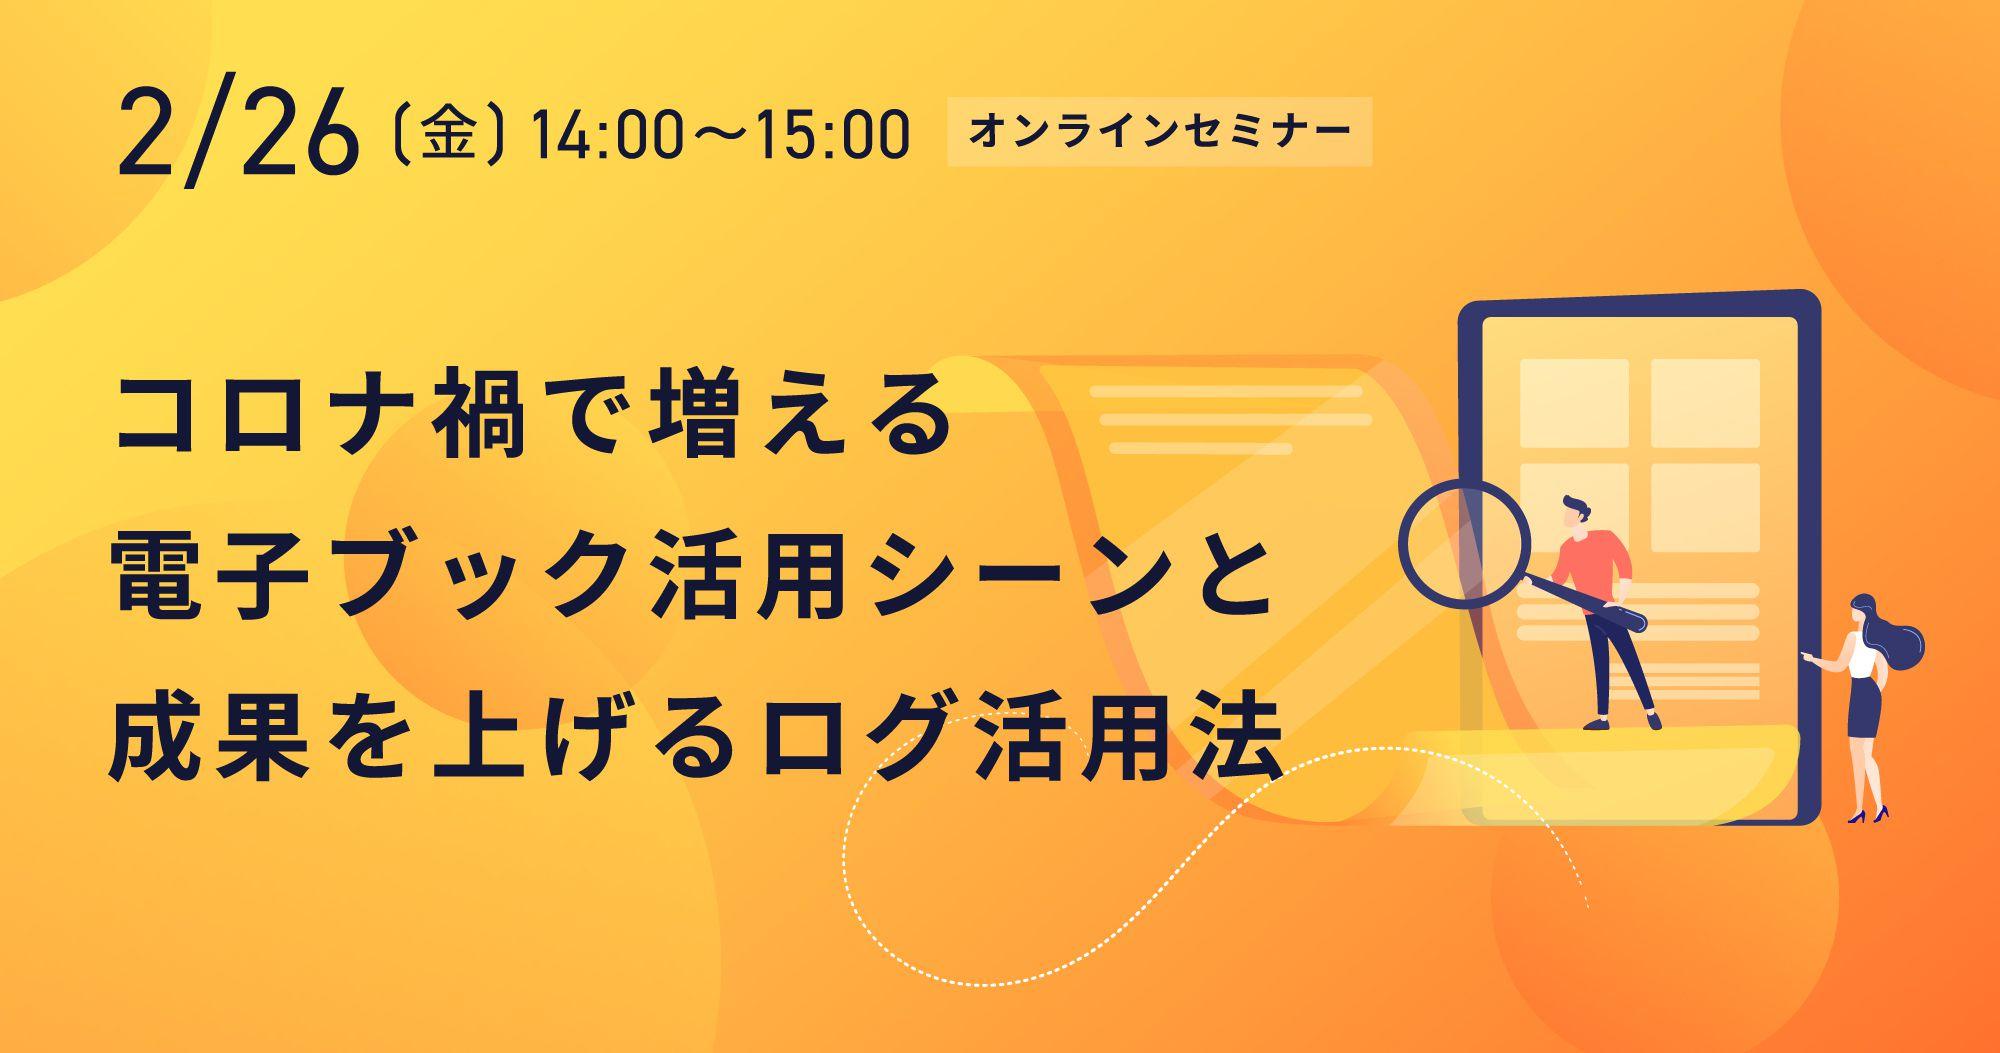 【2月26日(金)】コロナ禍で増える電子ブック活用シーンと成果を上げるログ活用法